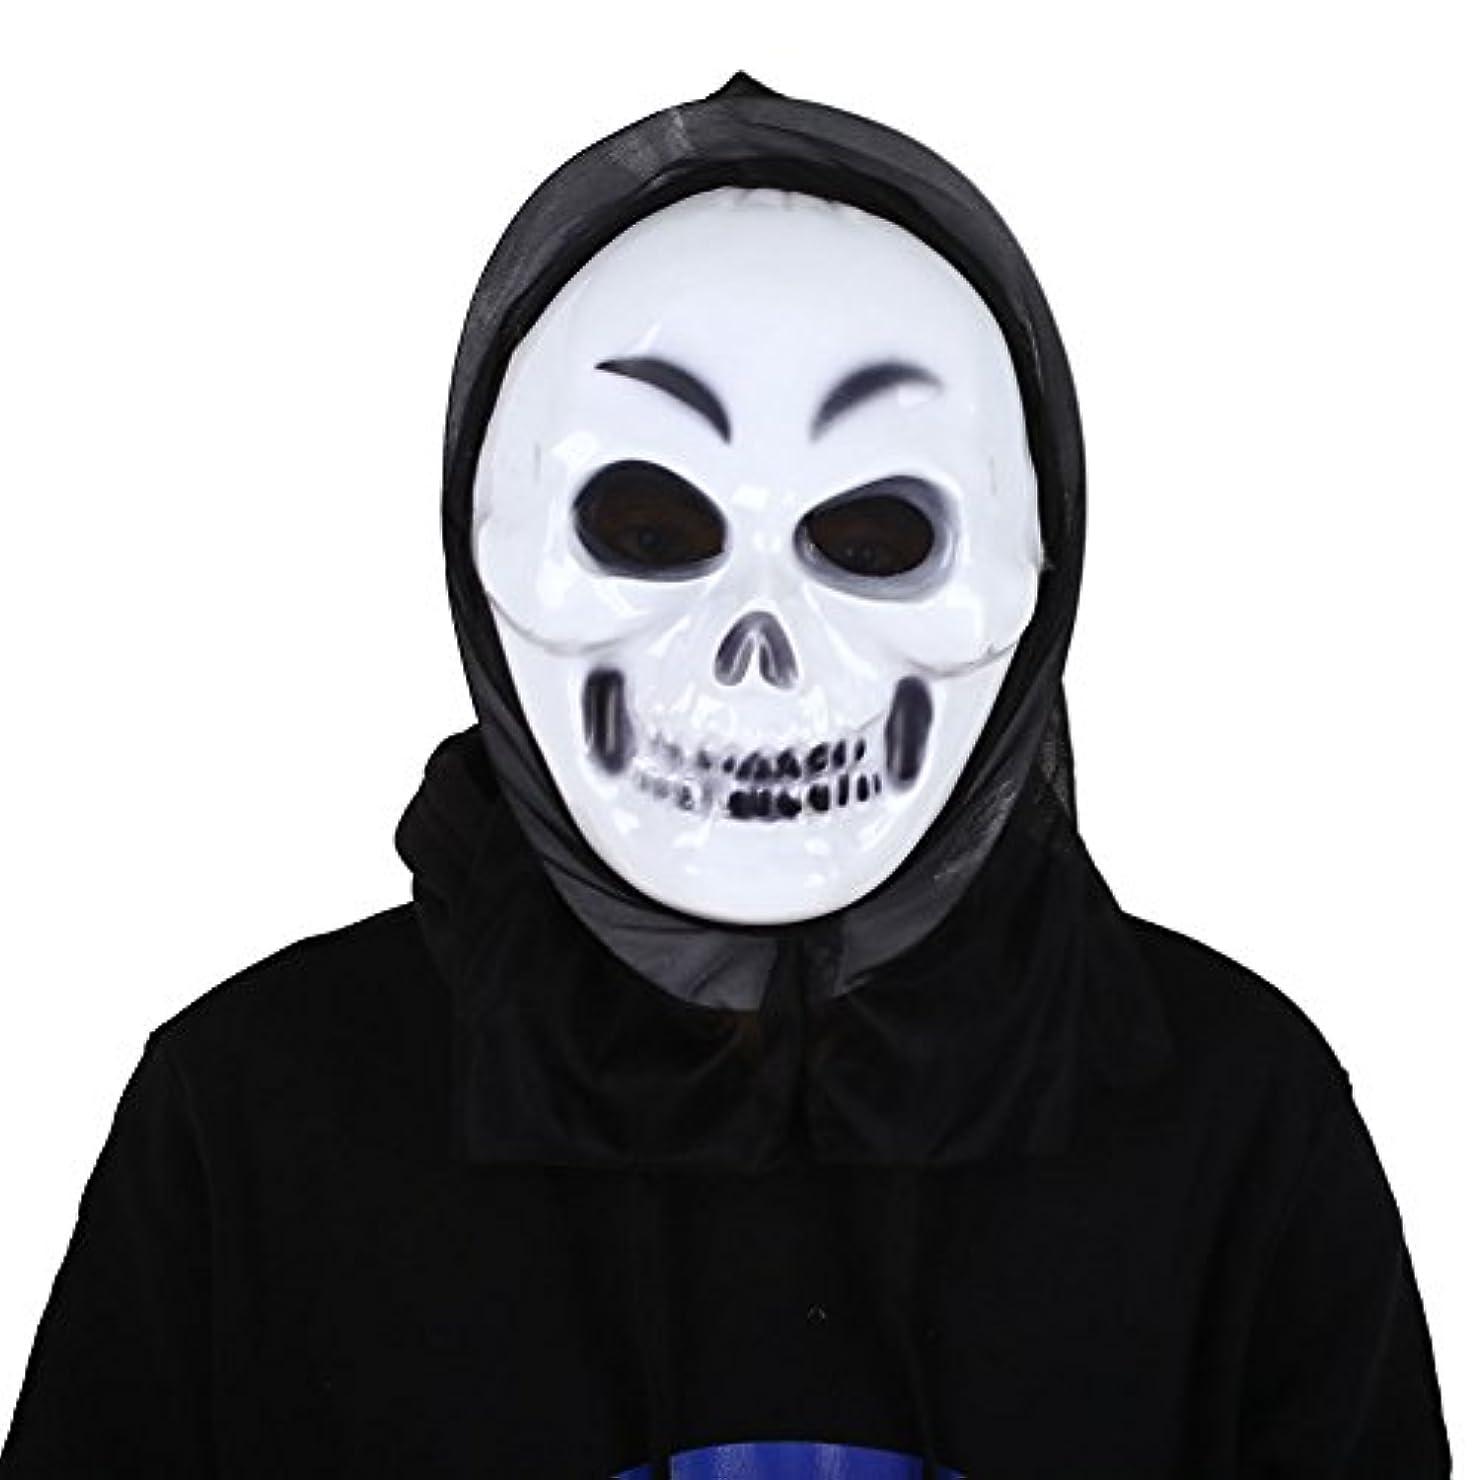 ひどい訪問収束するAuntwhale ハロウィンマスク大人恐怖コスチューム、スクリームファンシーマスカレードパーティーハロウィンマスク、フェスティバル通気性ギフトヘッドマスク